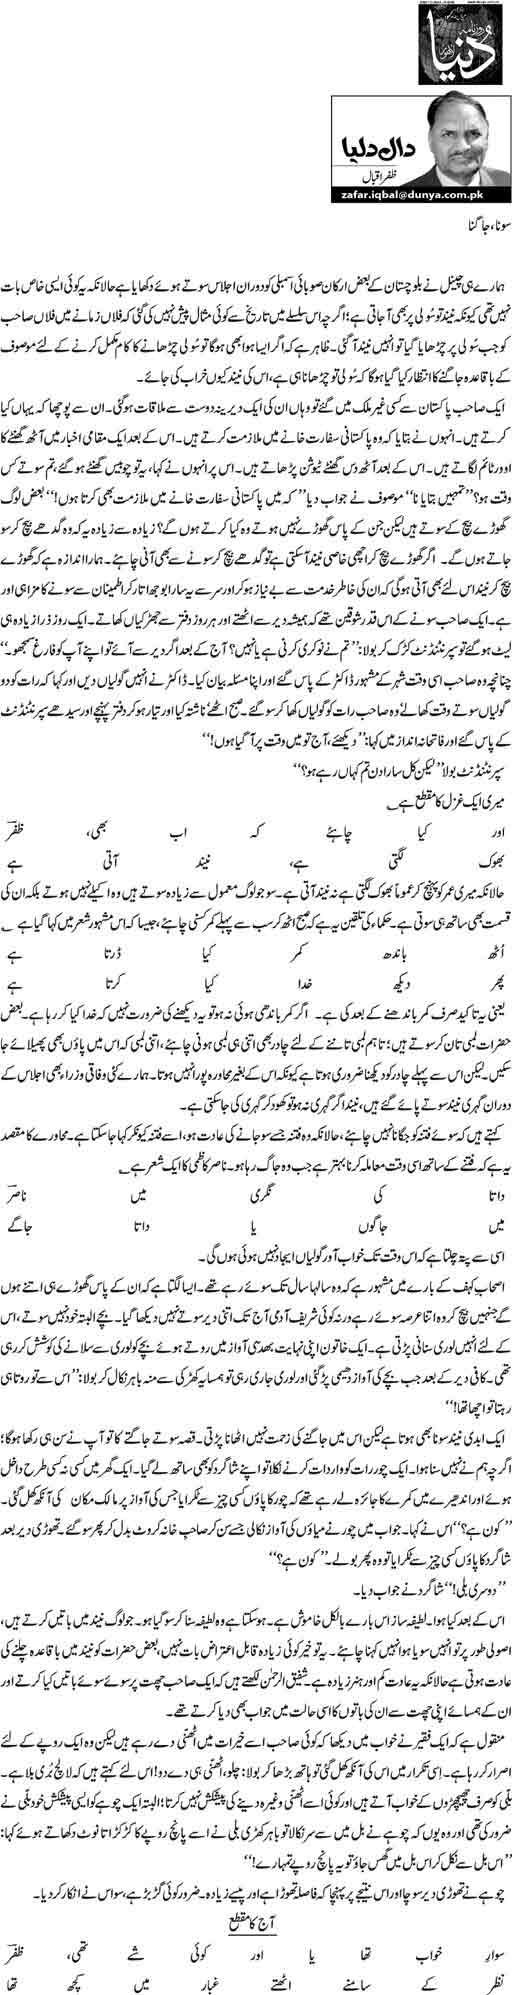 Sona, Jaagna - Zafar Iqbal